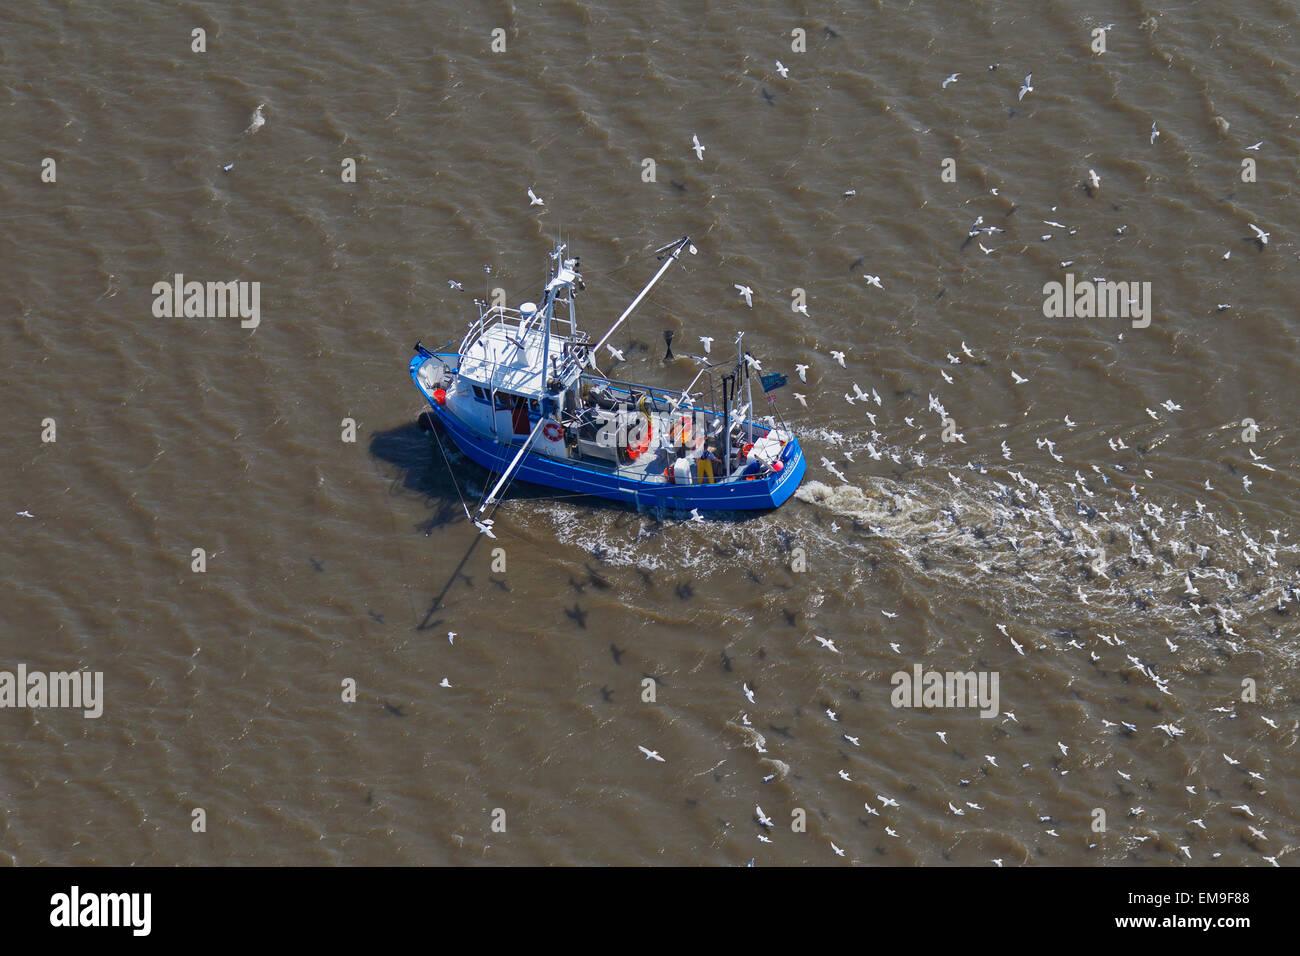 Vista aérea del barco arrastrero camarón azul la pesca de camarones en el mar, seguidos por las gaviotas Foto de stock